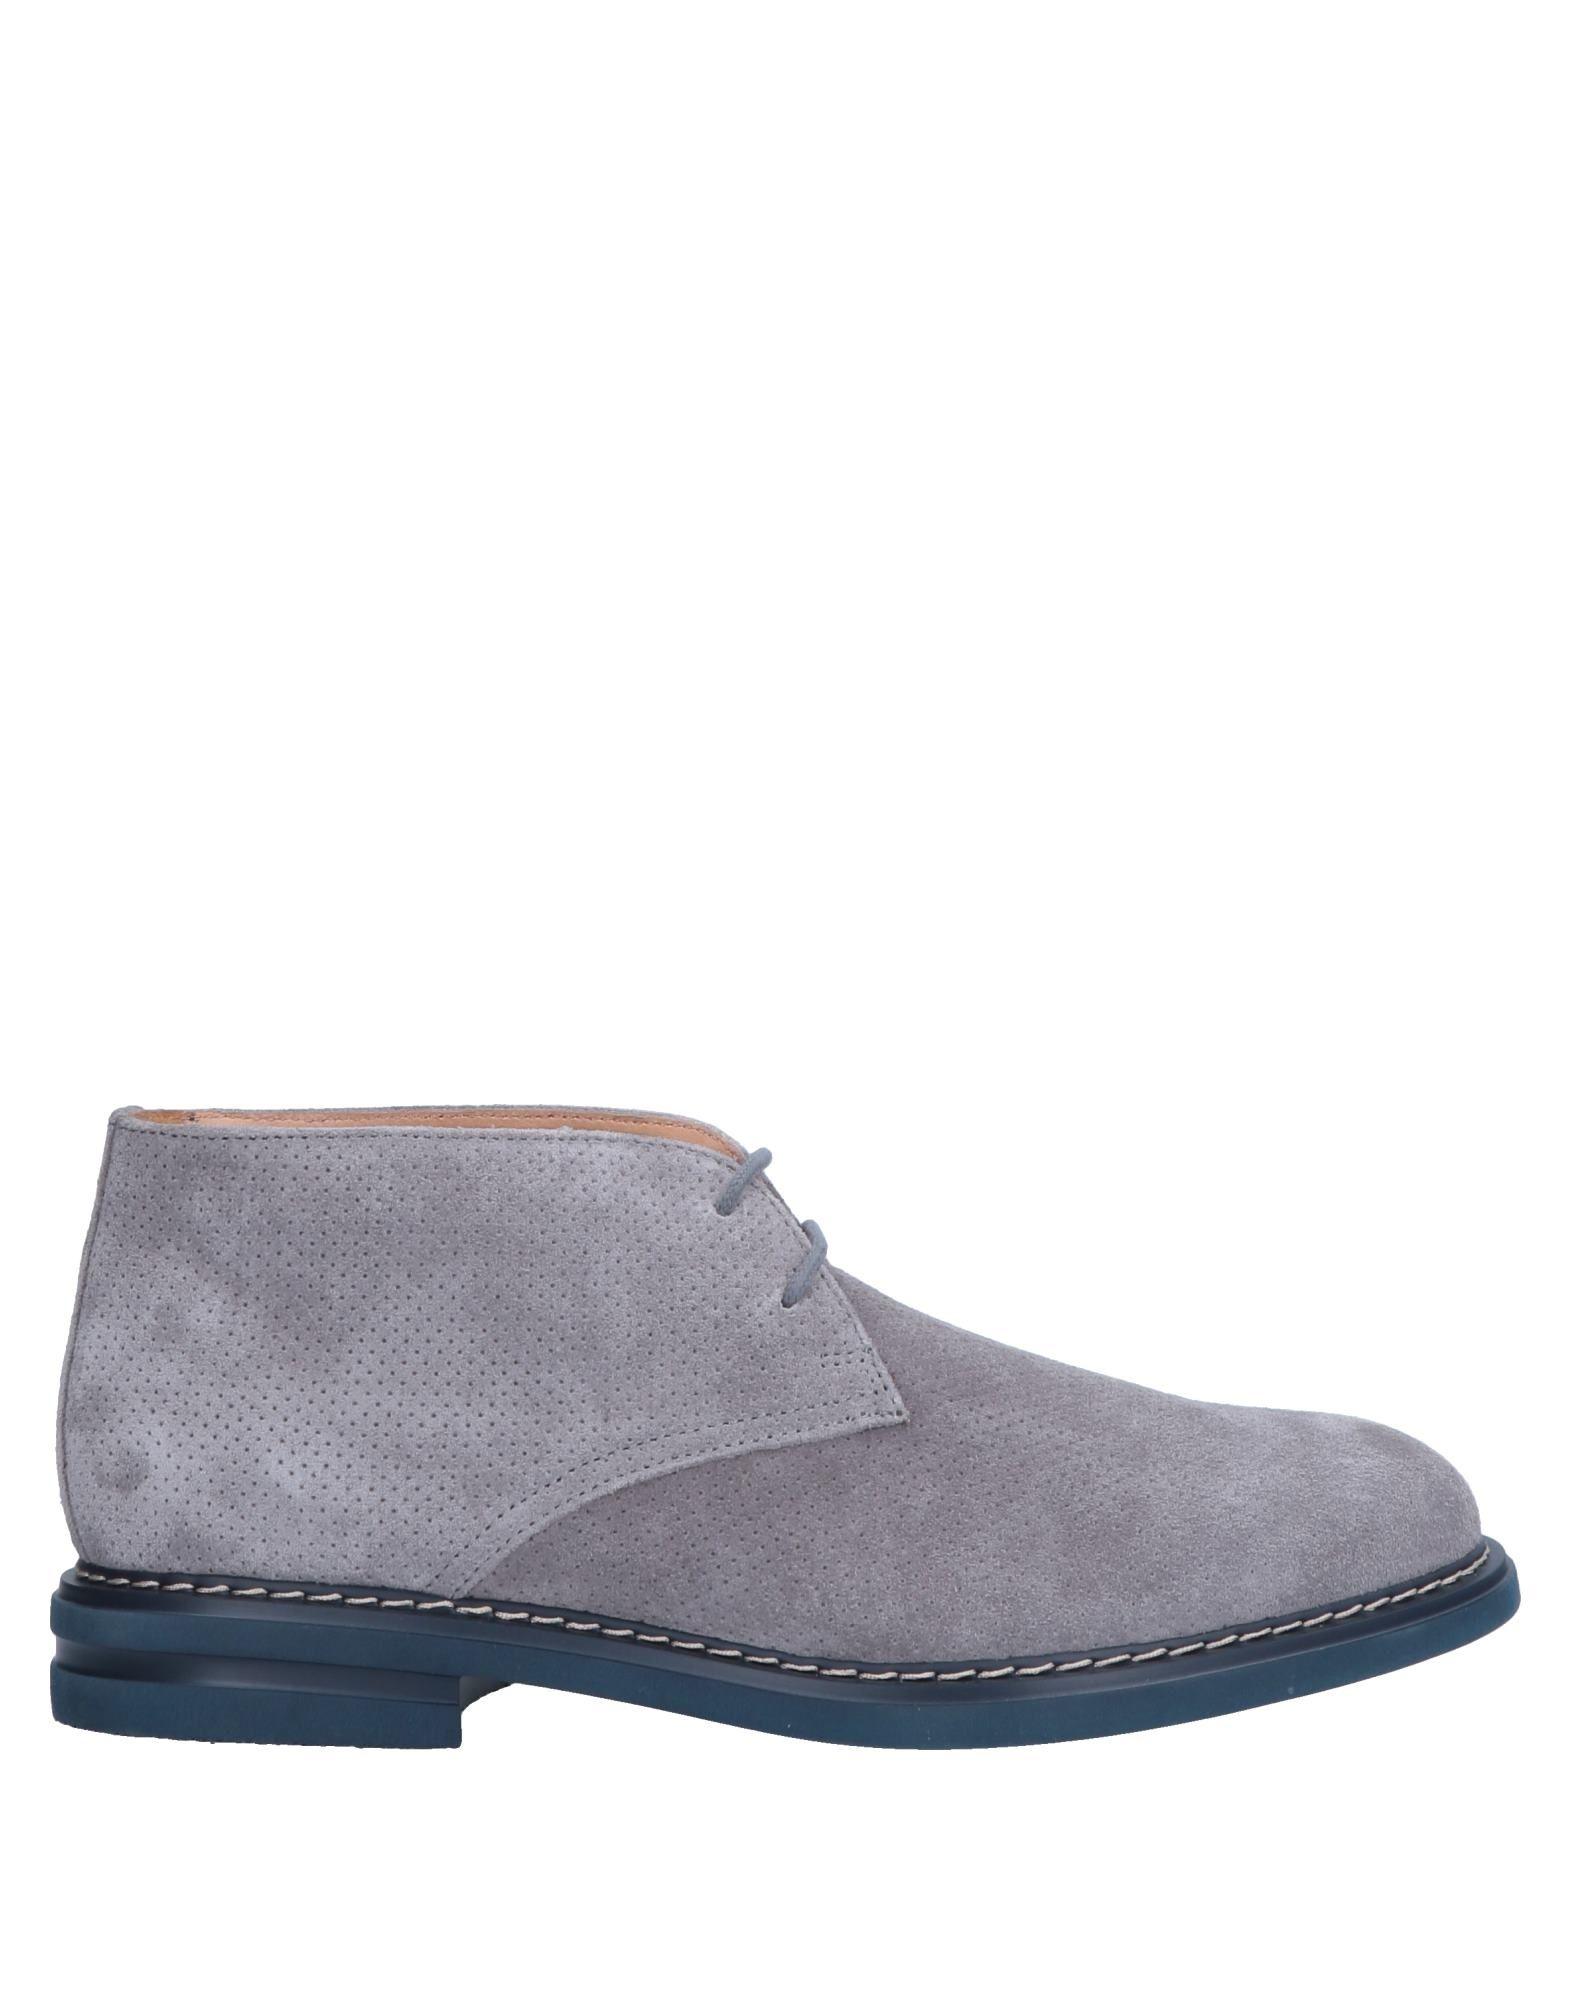 Rabatt echte Schuhe Antica Cuoieria Schnürschuhe Herren  11556900OT